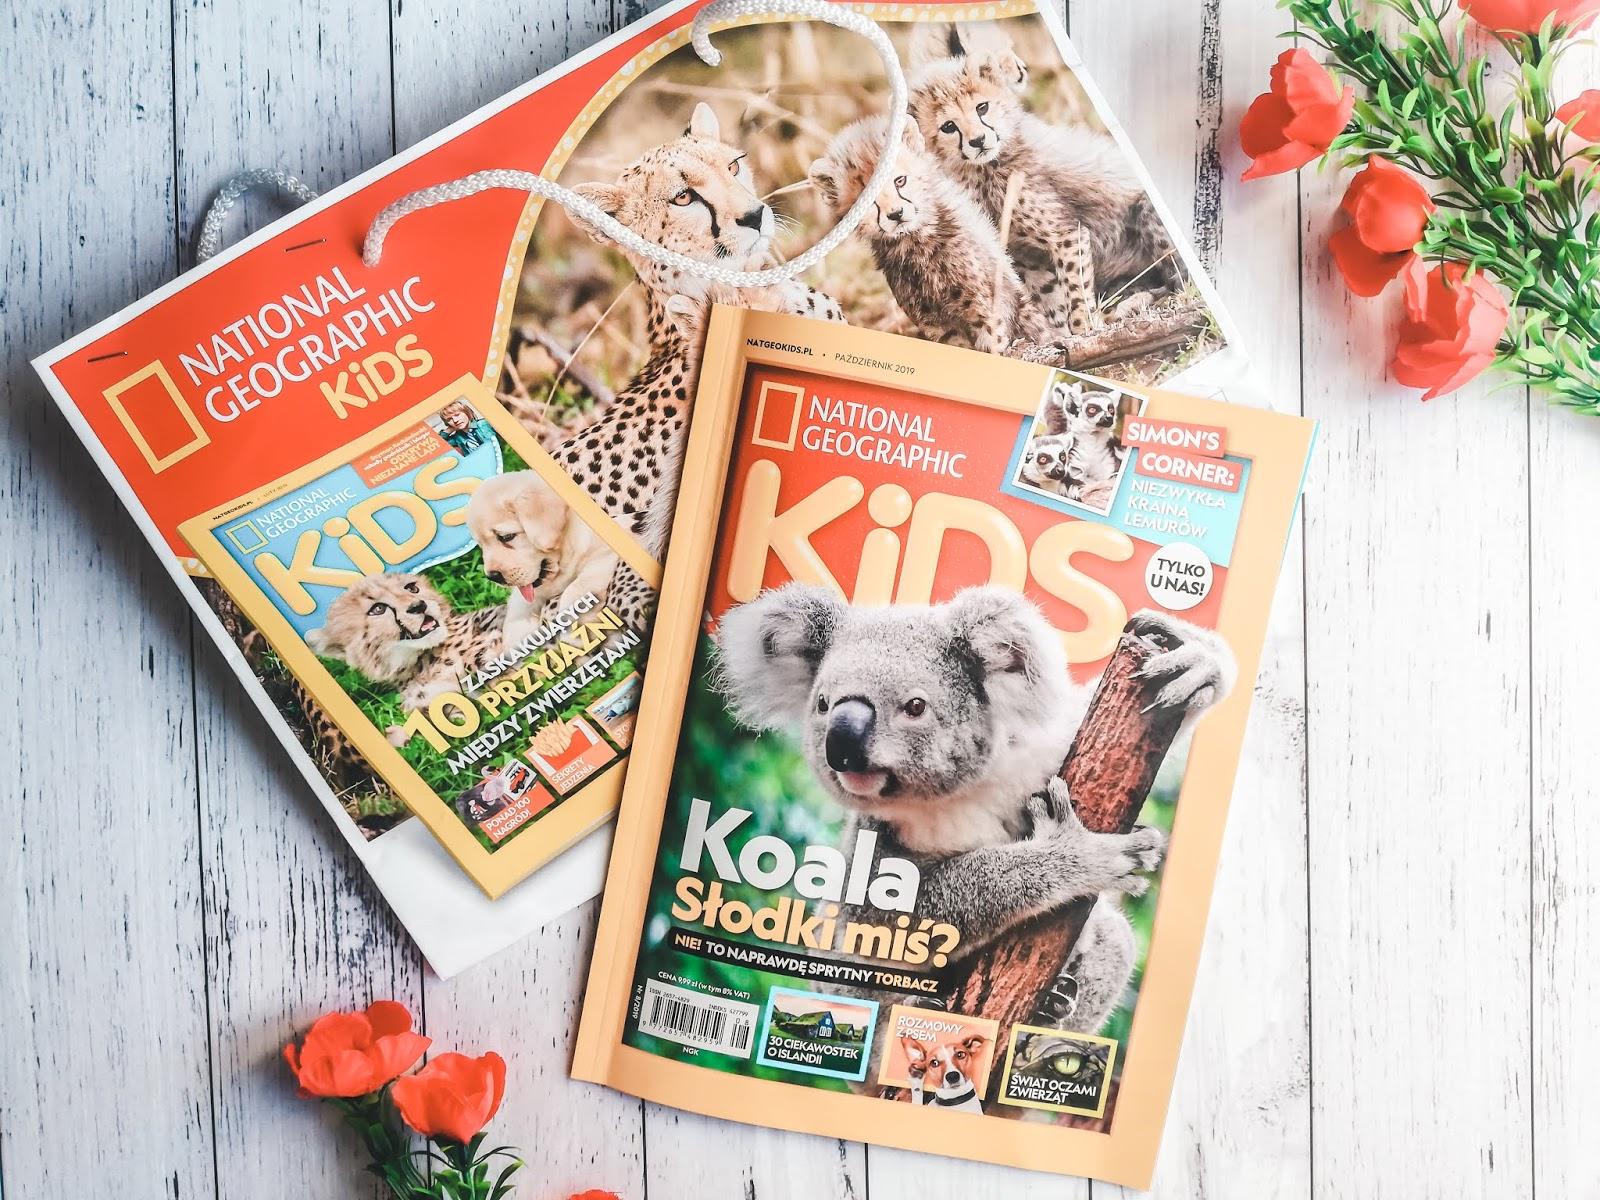 Nowości od wydawnictwa Edipresse | Magazyn National Geographic Kids |Nasze słodziaki. Magiczne Jednorożce | Angry Birds